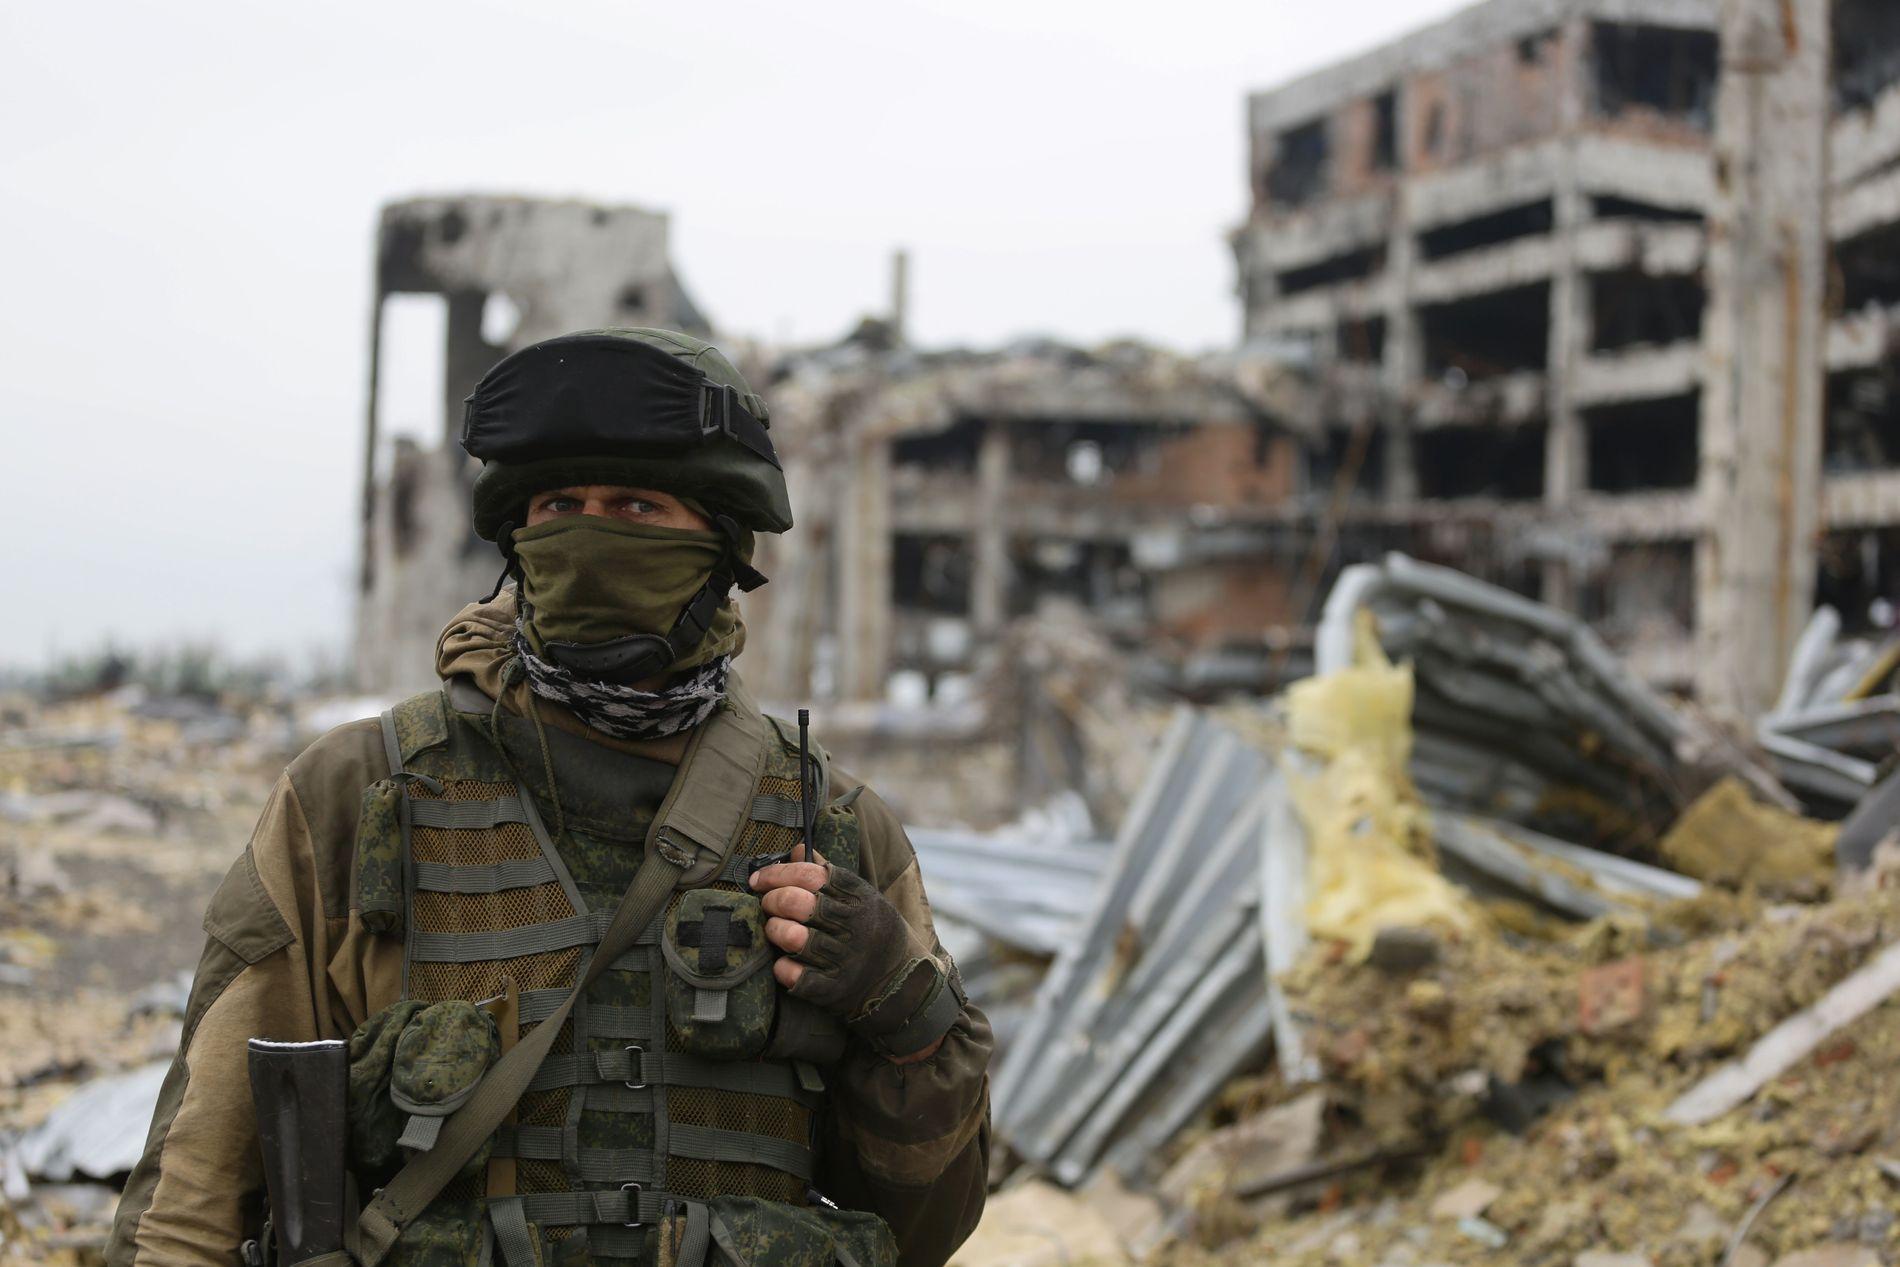 KONFLIKT: En prorussisk opprører fotografert foran restene av flyplassen i Donetsk, øst i Ukraina, tidligere denne måneden. Meldingen om at en angivelig norsk leiesoldat skal være drept i Ukraina er ikke blitt bekreftet, fire uker senere.